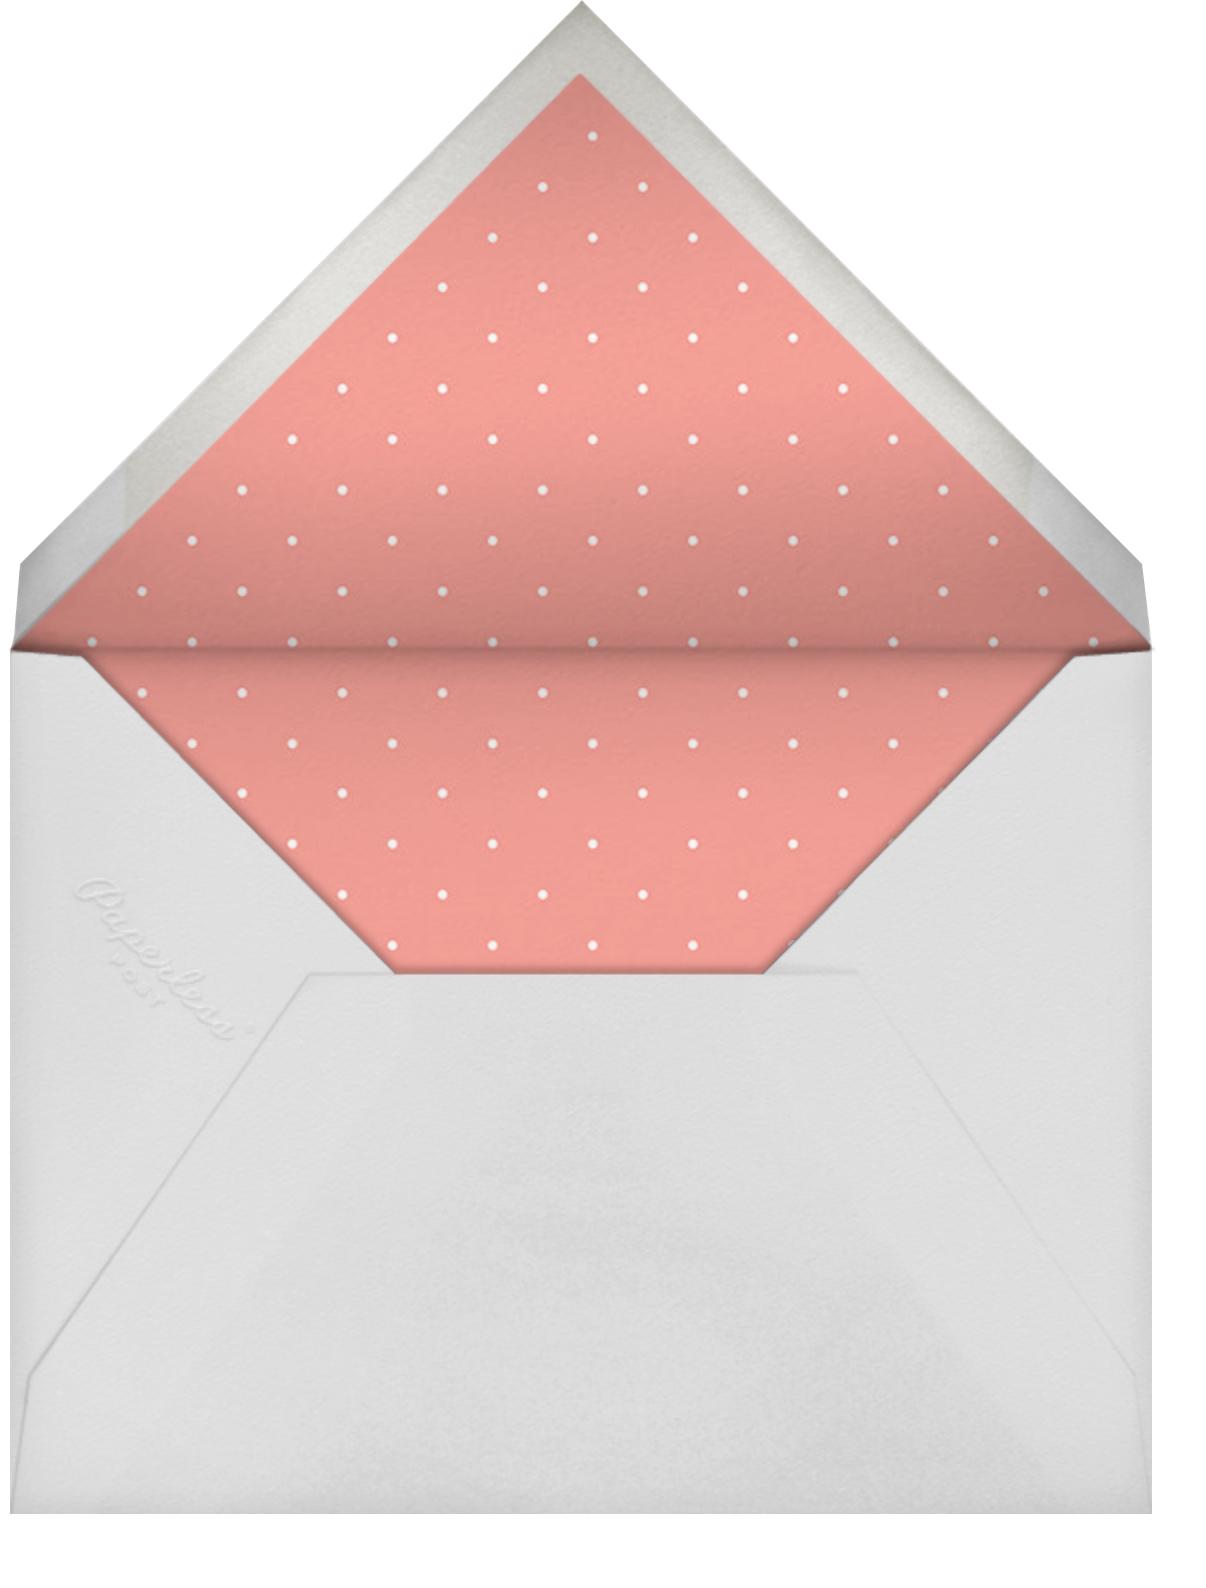 Little Miss Homemaker (Guava) - Mr. Boddington's Studio - Bridal shower - envelope back